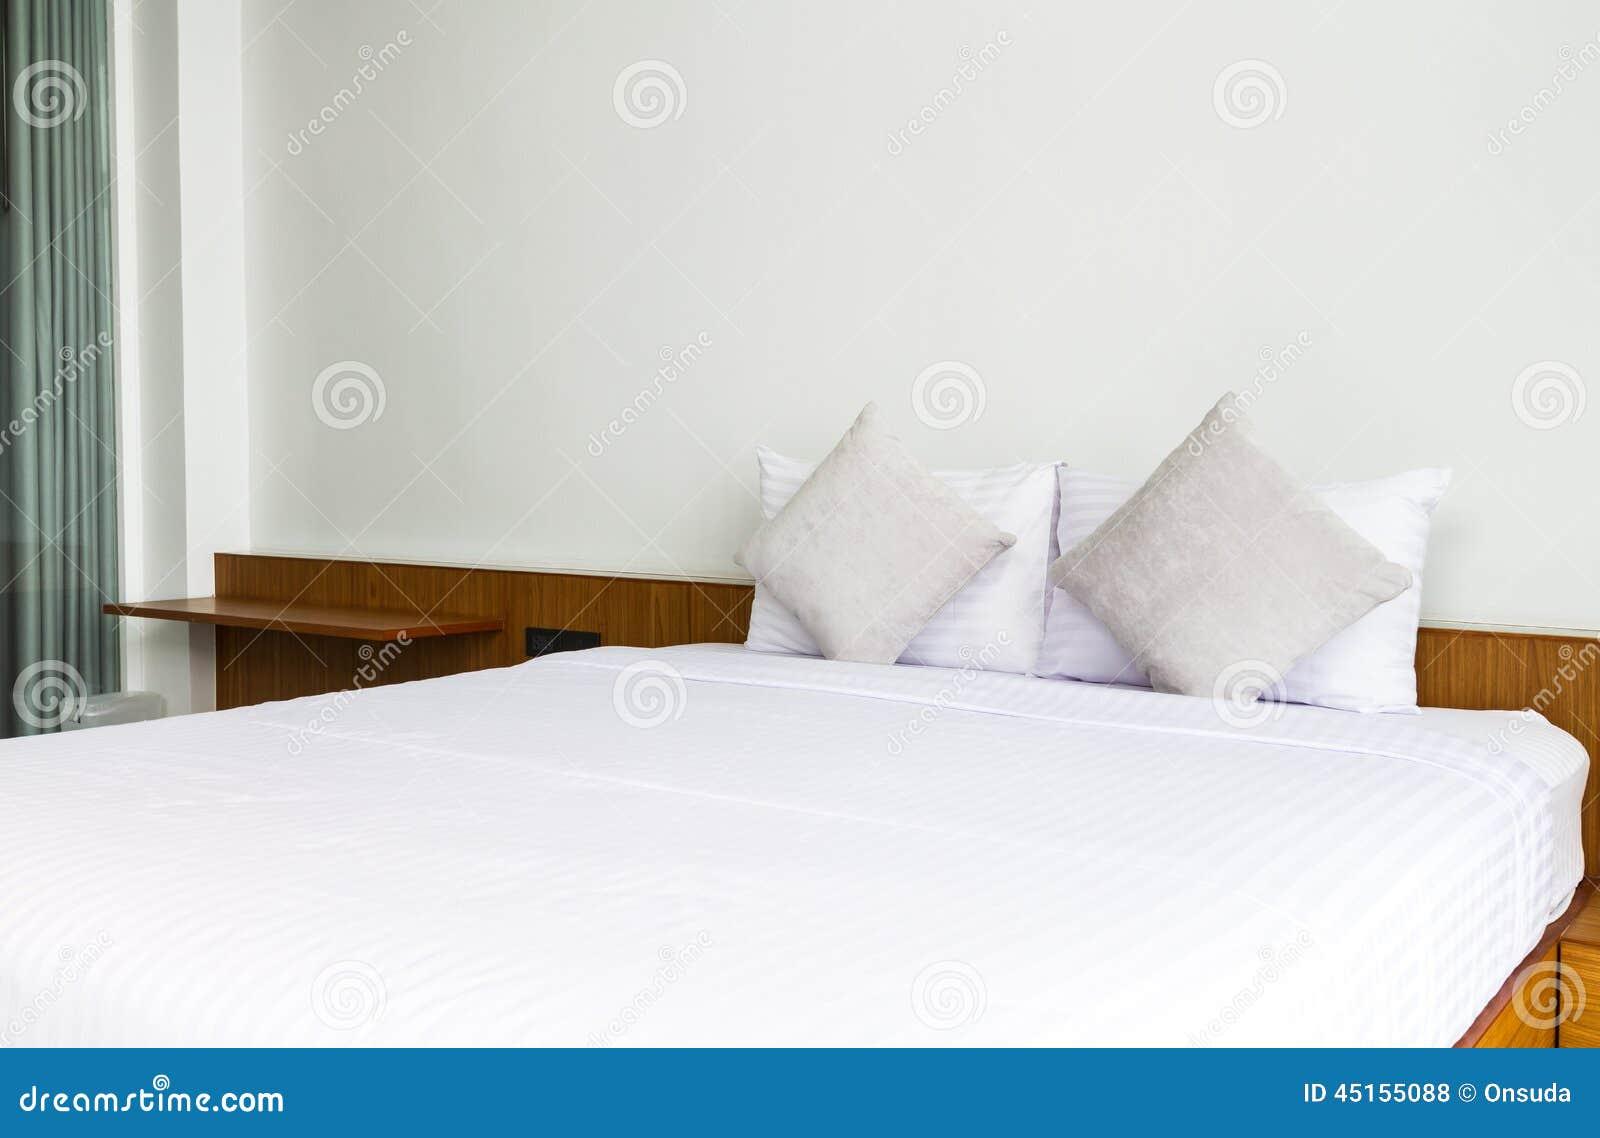 Chambre coucher avec le rideau brun photo stock image for Rideau chambre a coucher